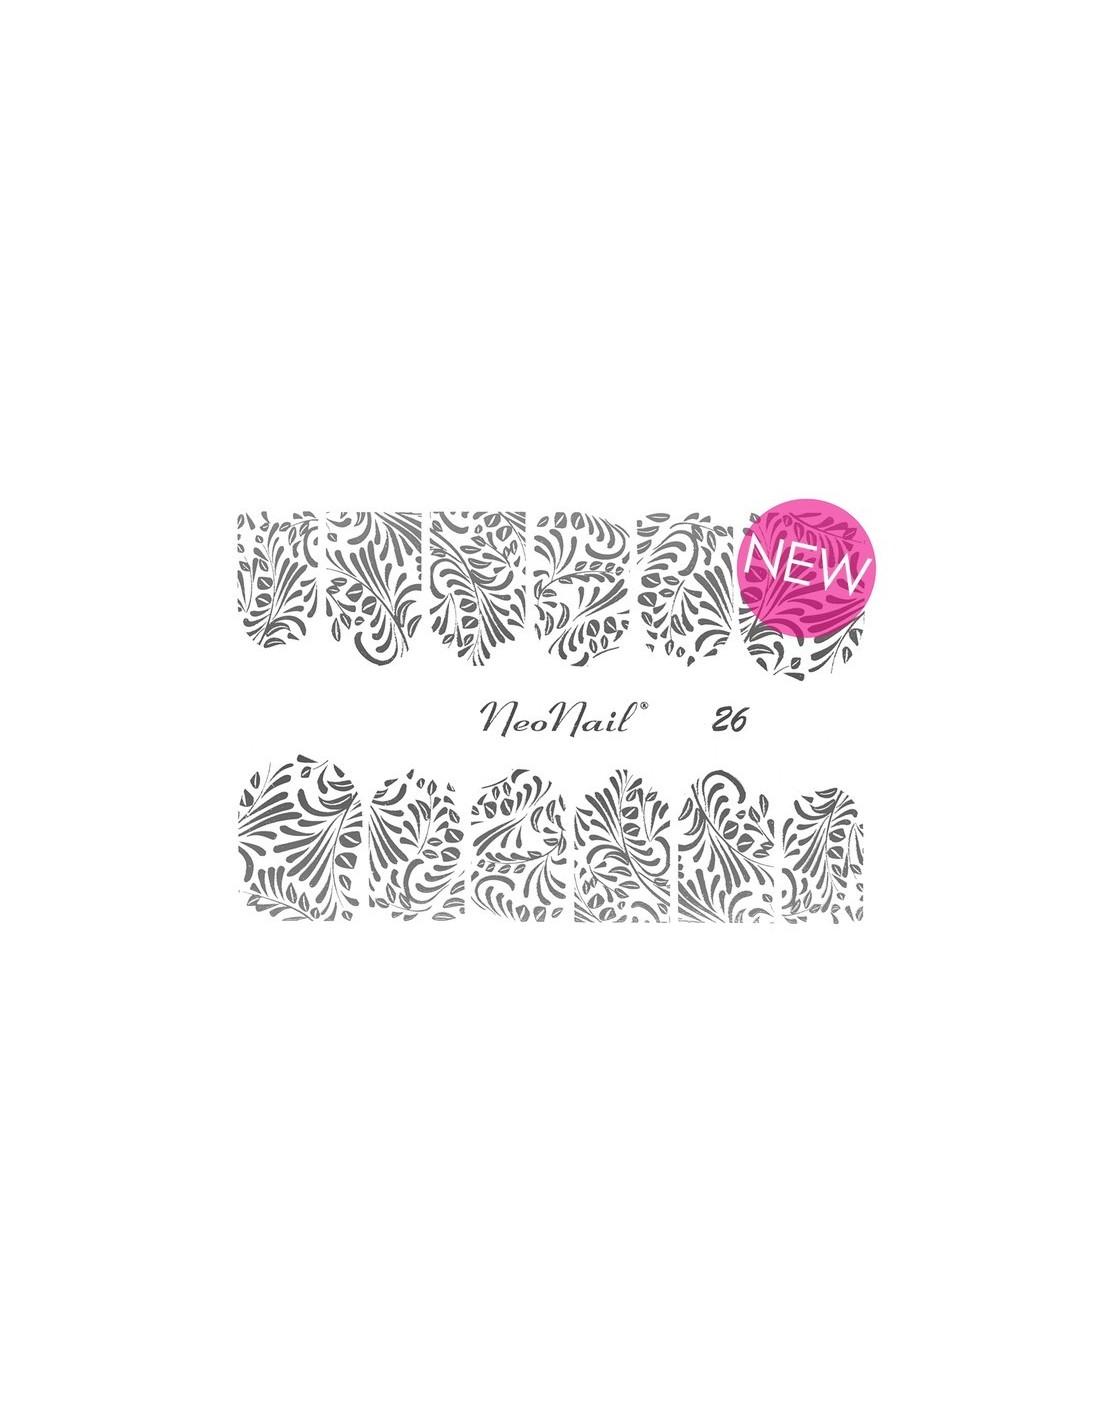 Naklejki Wodne Neonail Do Manicure Hybrydowego Water Stickers Art